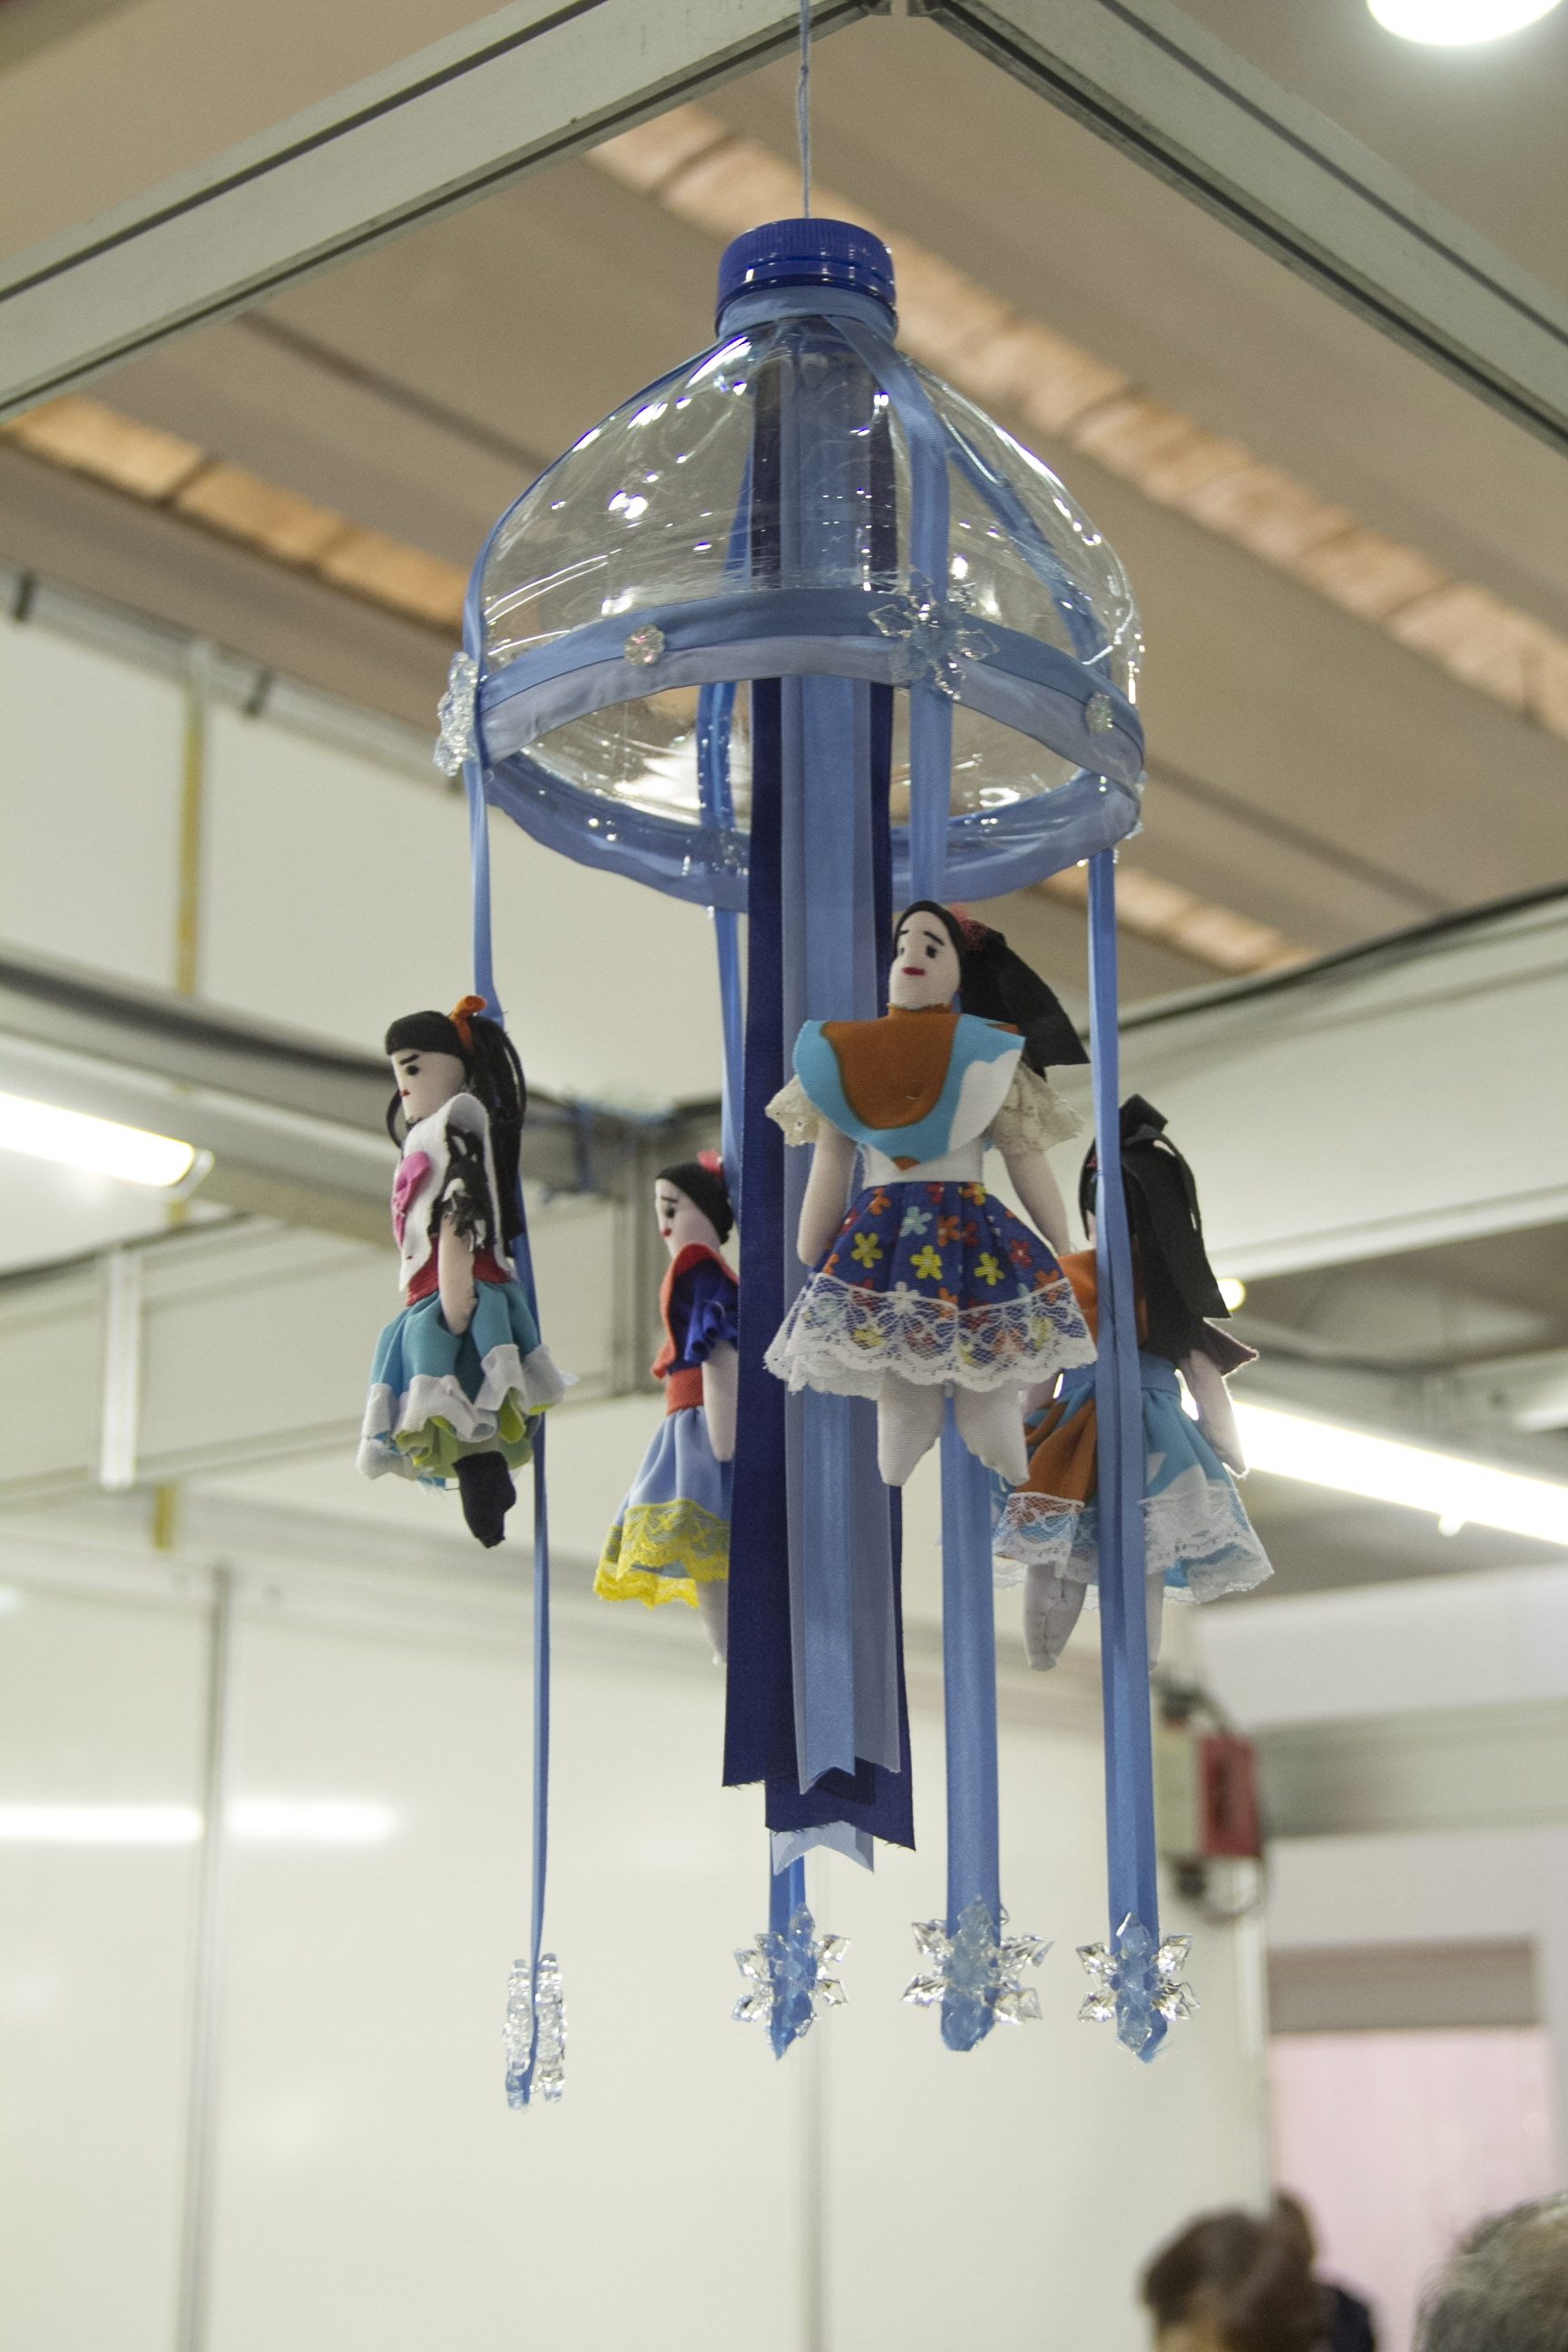 Já no estande do Instituto Brinquedo Vivo, encontramos esse móbile feito com garrafão de água